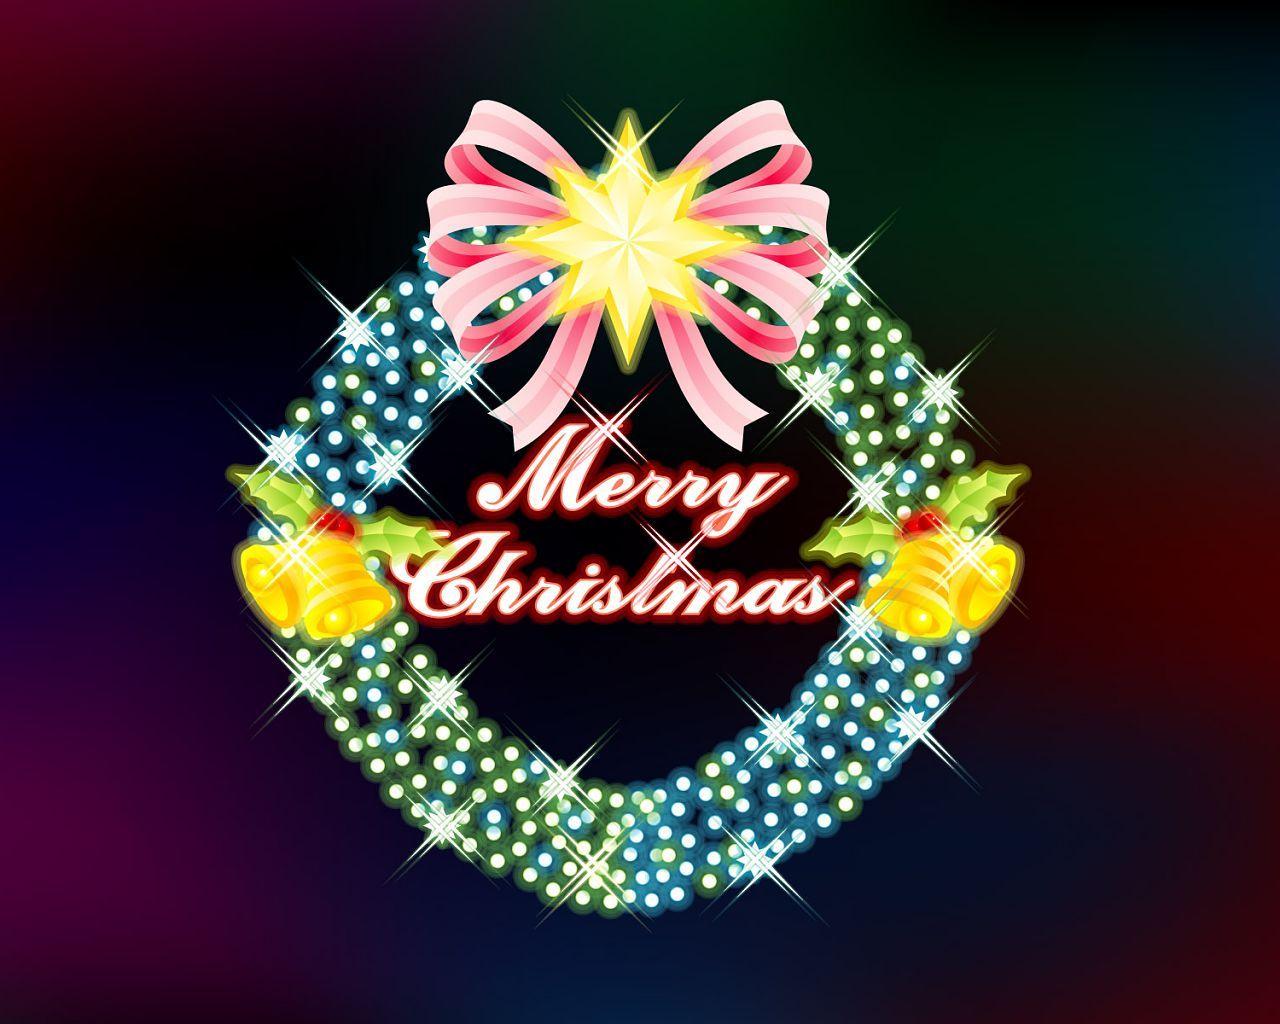 http://1.bp.blogspot.com/-q81NdUVLUag/TvR6Nl3HMBI/AAAAAAAABzo/WK5nauPT1OY/s1600/merry-christmas-wallpaper-5340-1280x1024.jpg